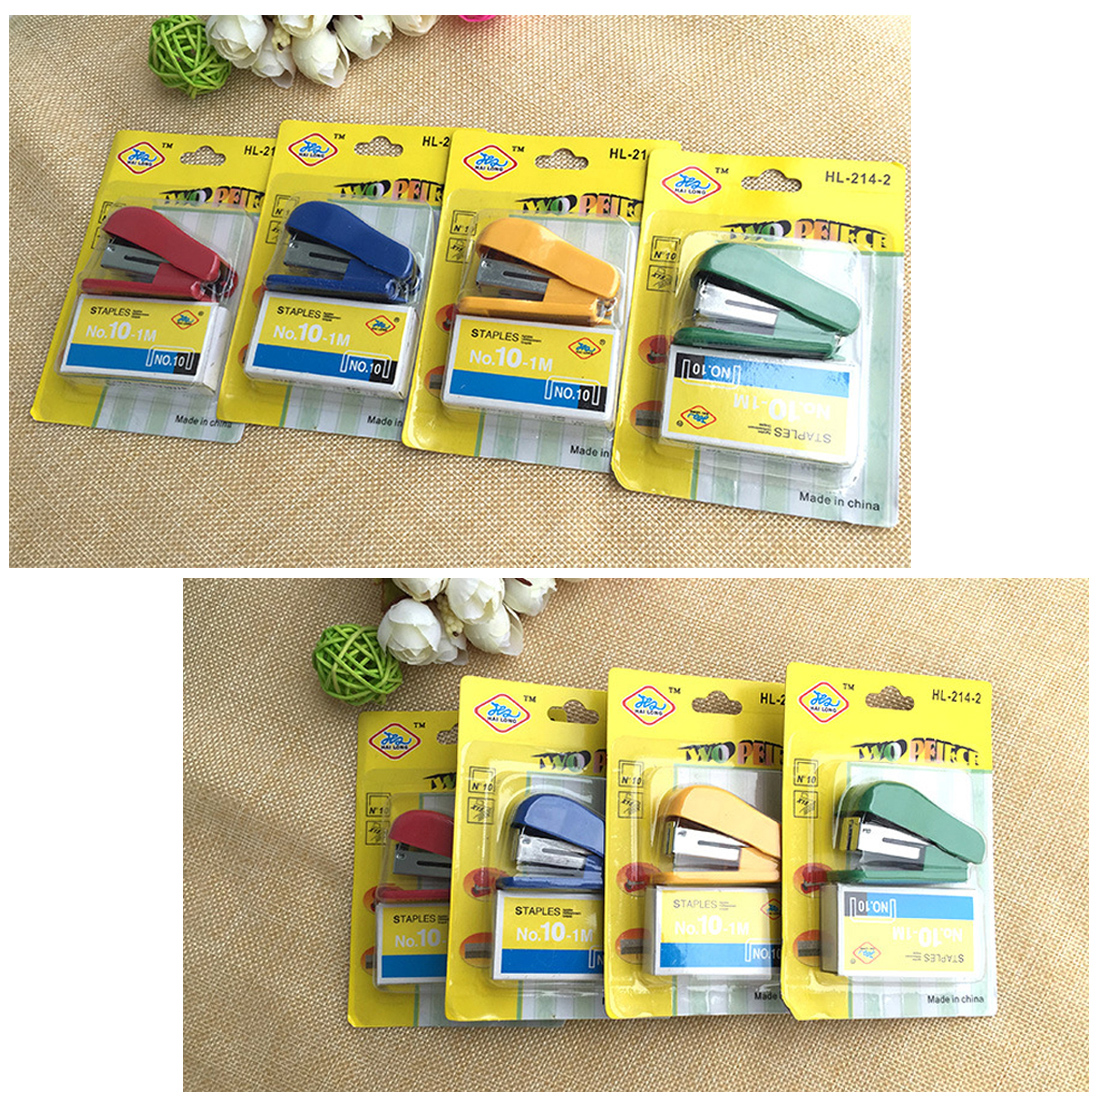 FangNymph Useful Portable Kawaii Super Mini Small Stapler Mini Stapler Staples Set Office Binding Stationery Random Color